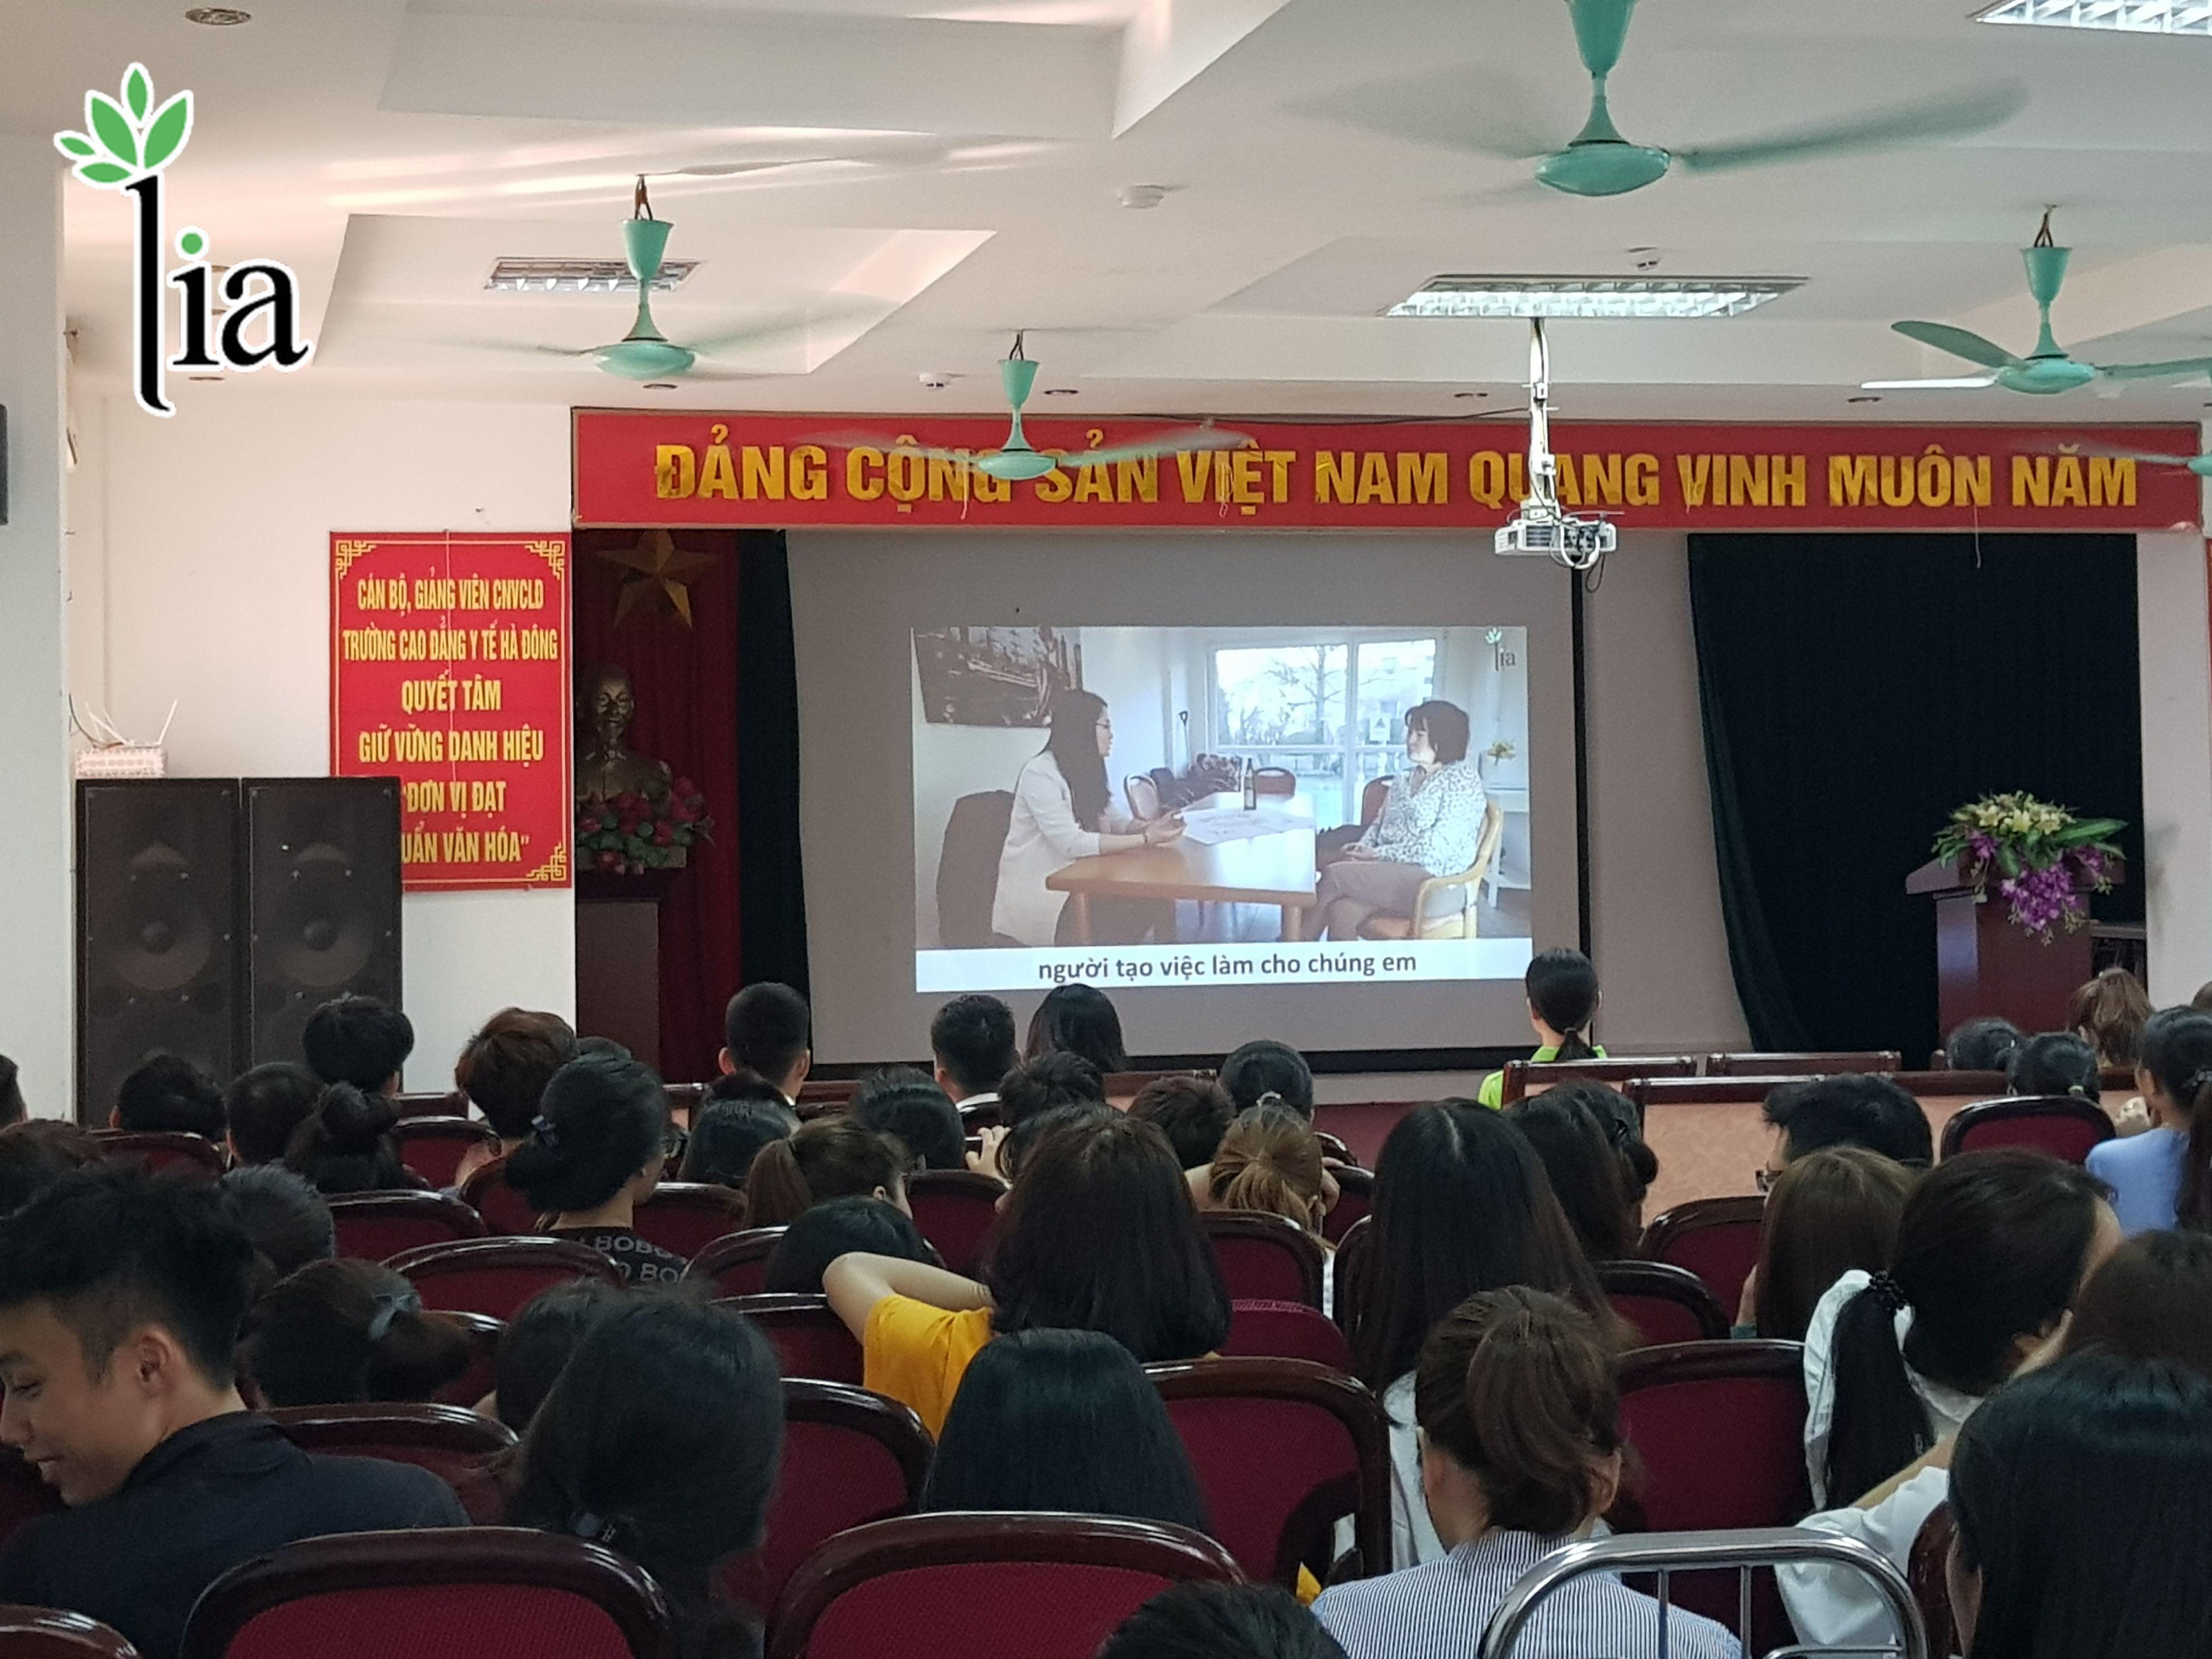 Các sinh viên xem clip feedback của các học viên LIA sau khi sang Đức